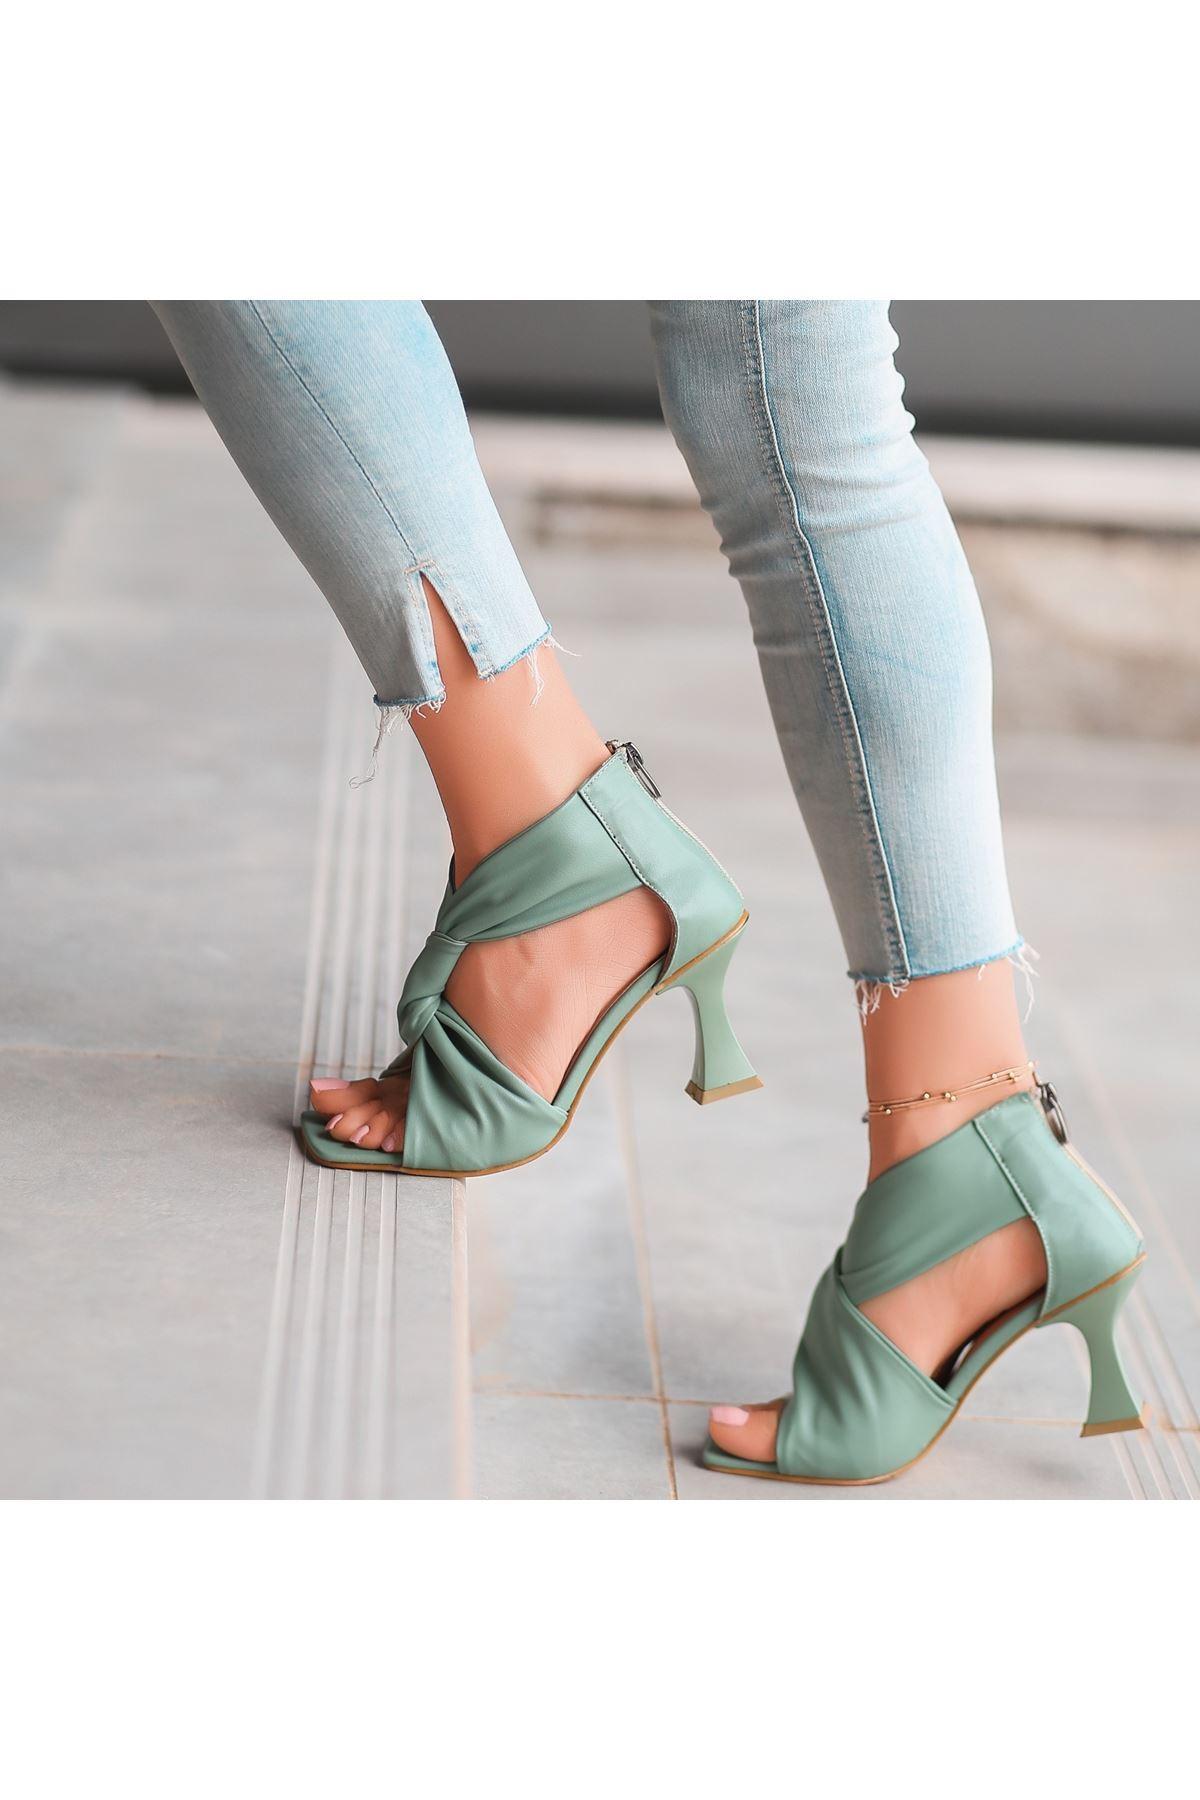 Myem Turkuaz Cilt Topuklu Ayakkabı